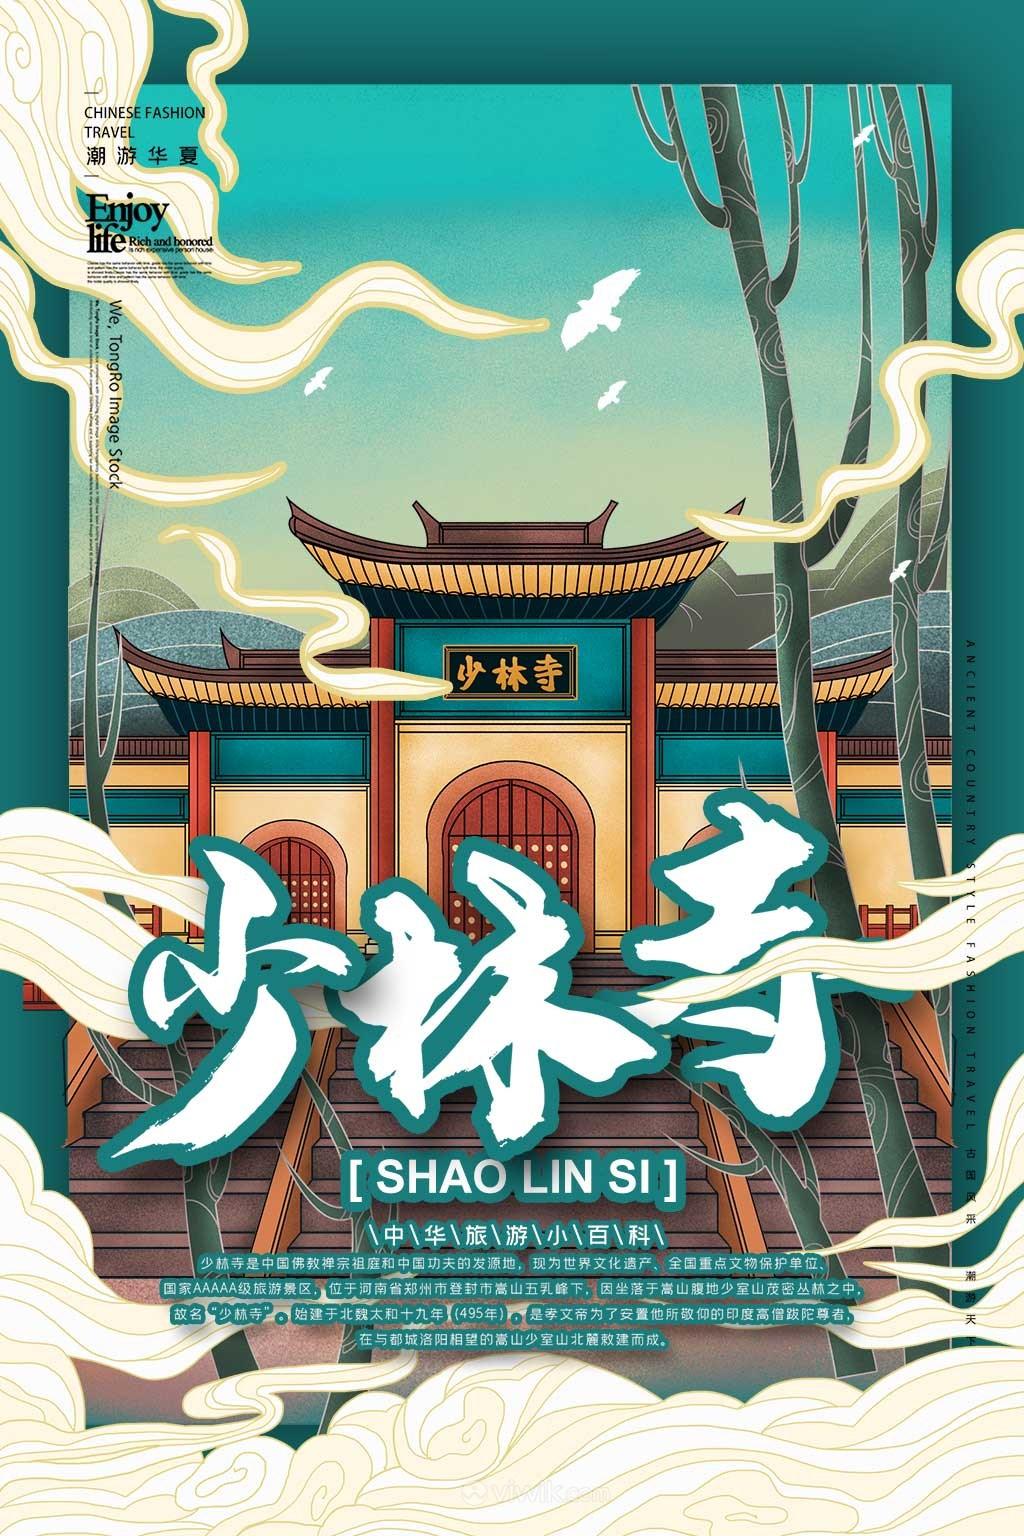 中國城市潮旅游鄭州少林寺手繪海報素材